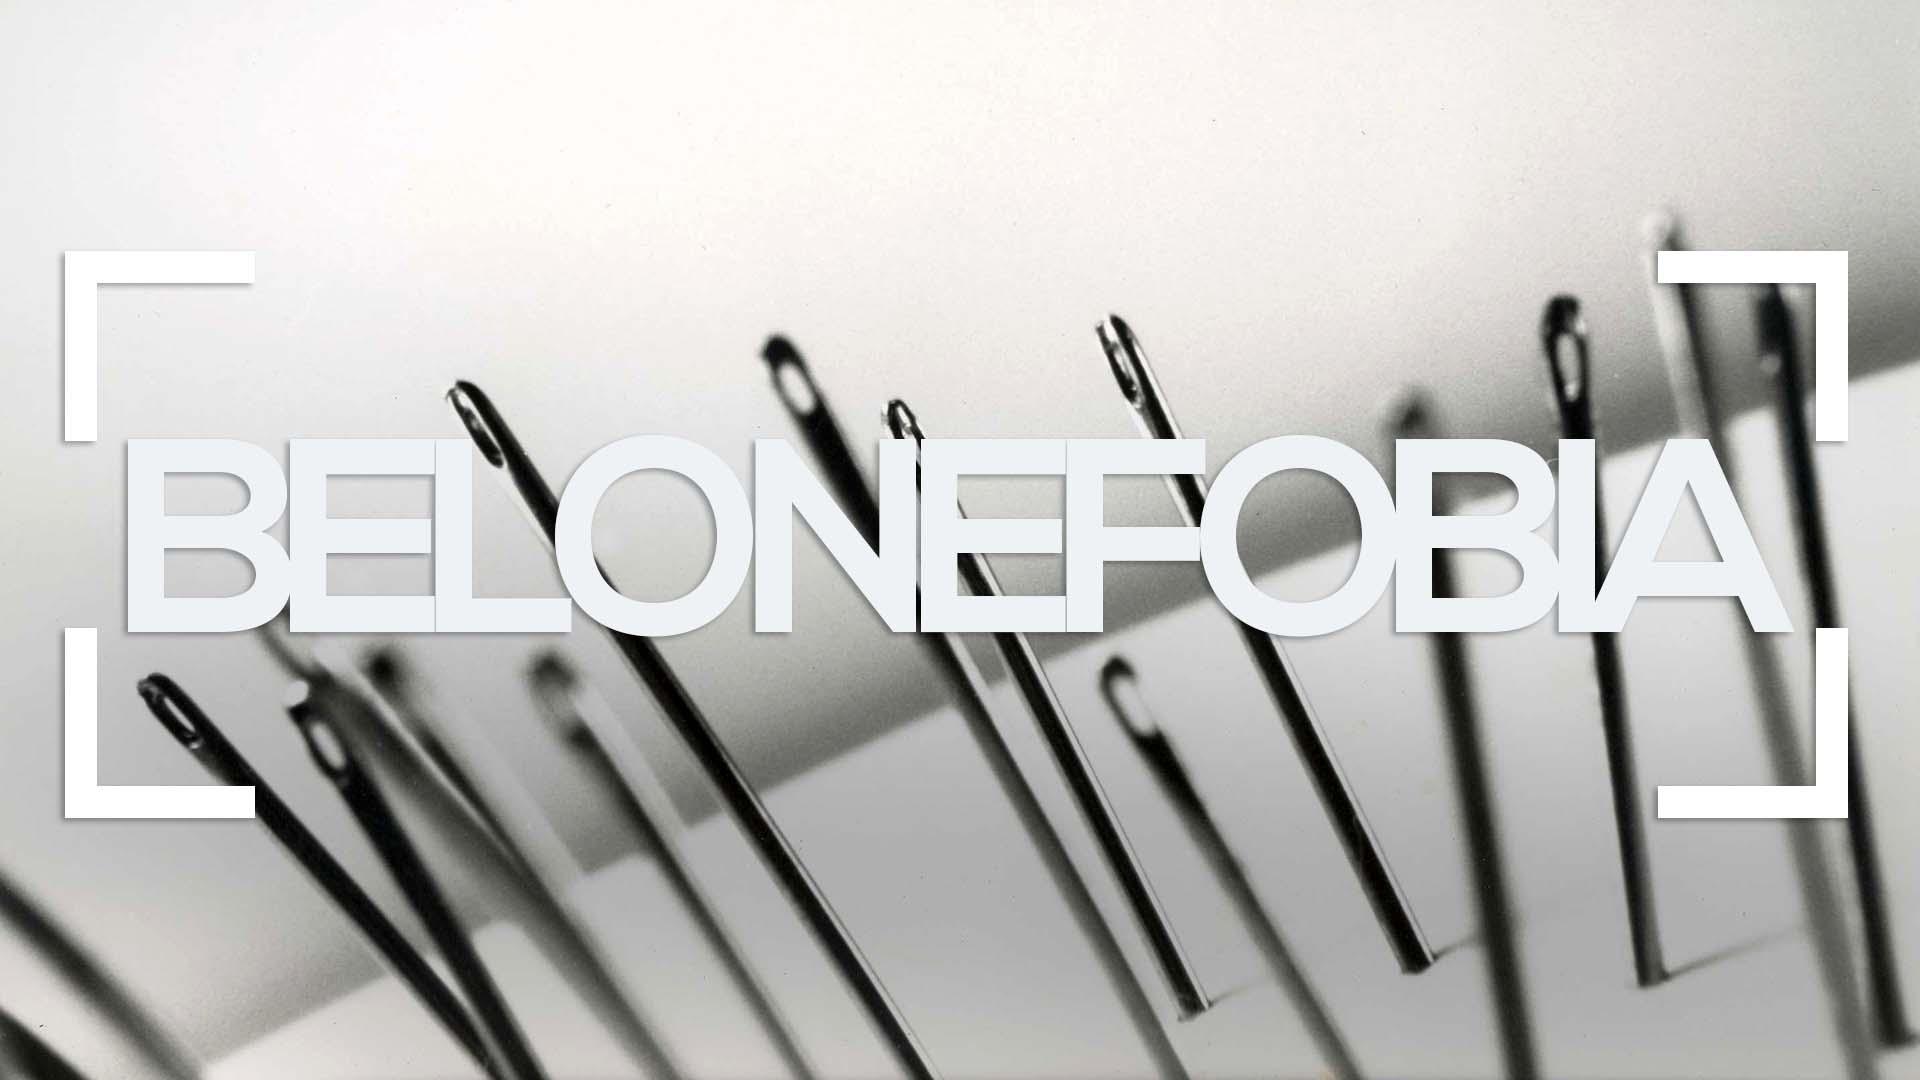 Se muestran agujas clavadas sobre una superficie y la palabra belonefobia